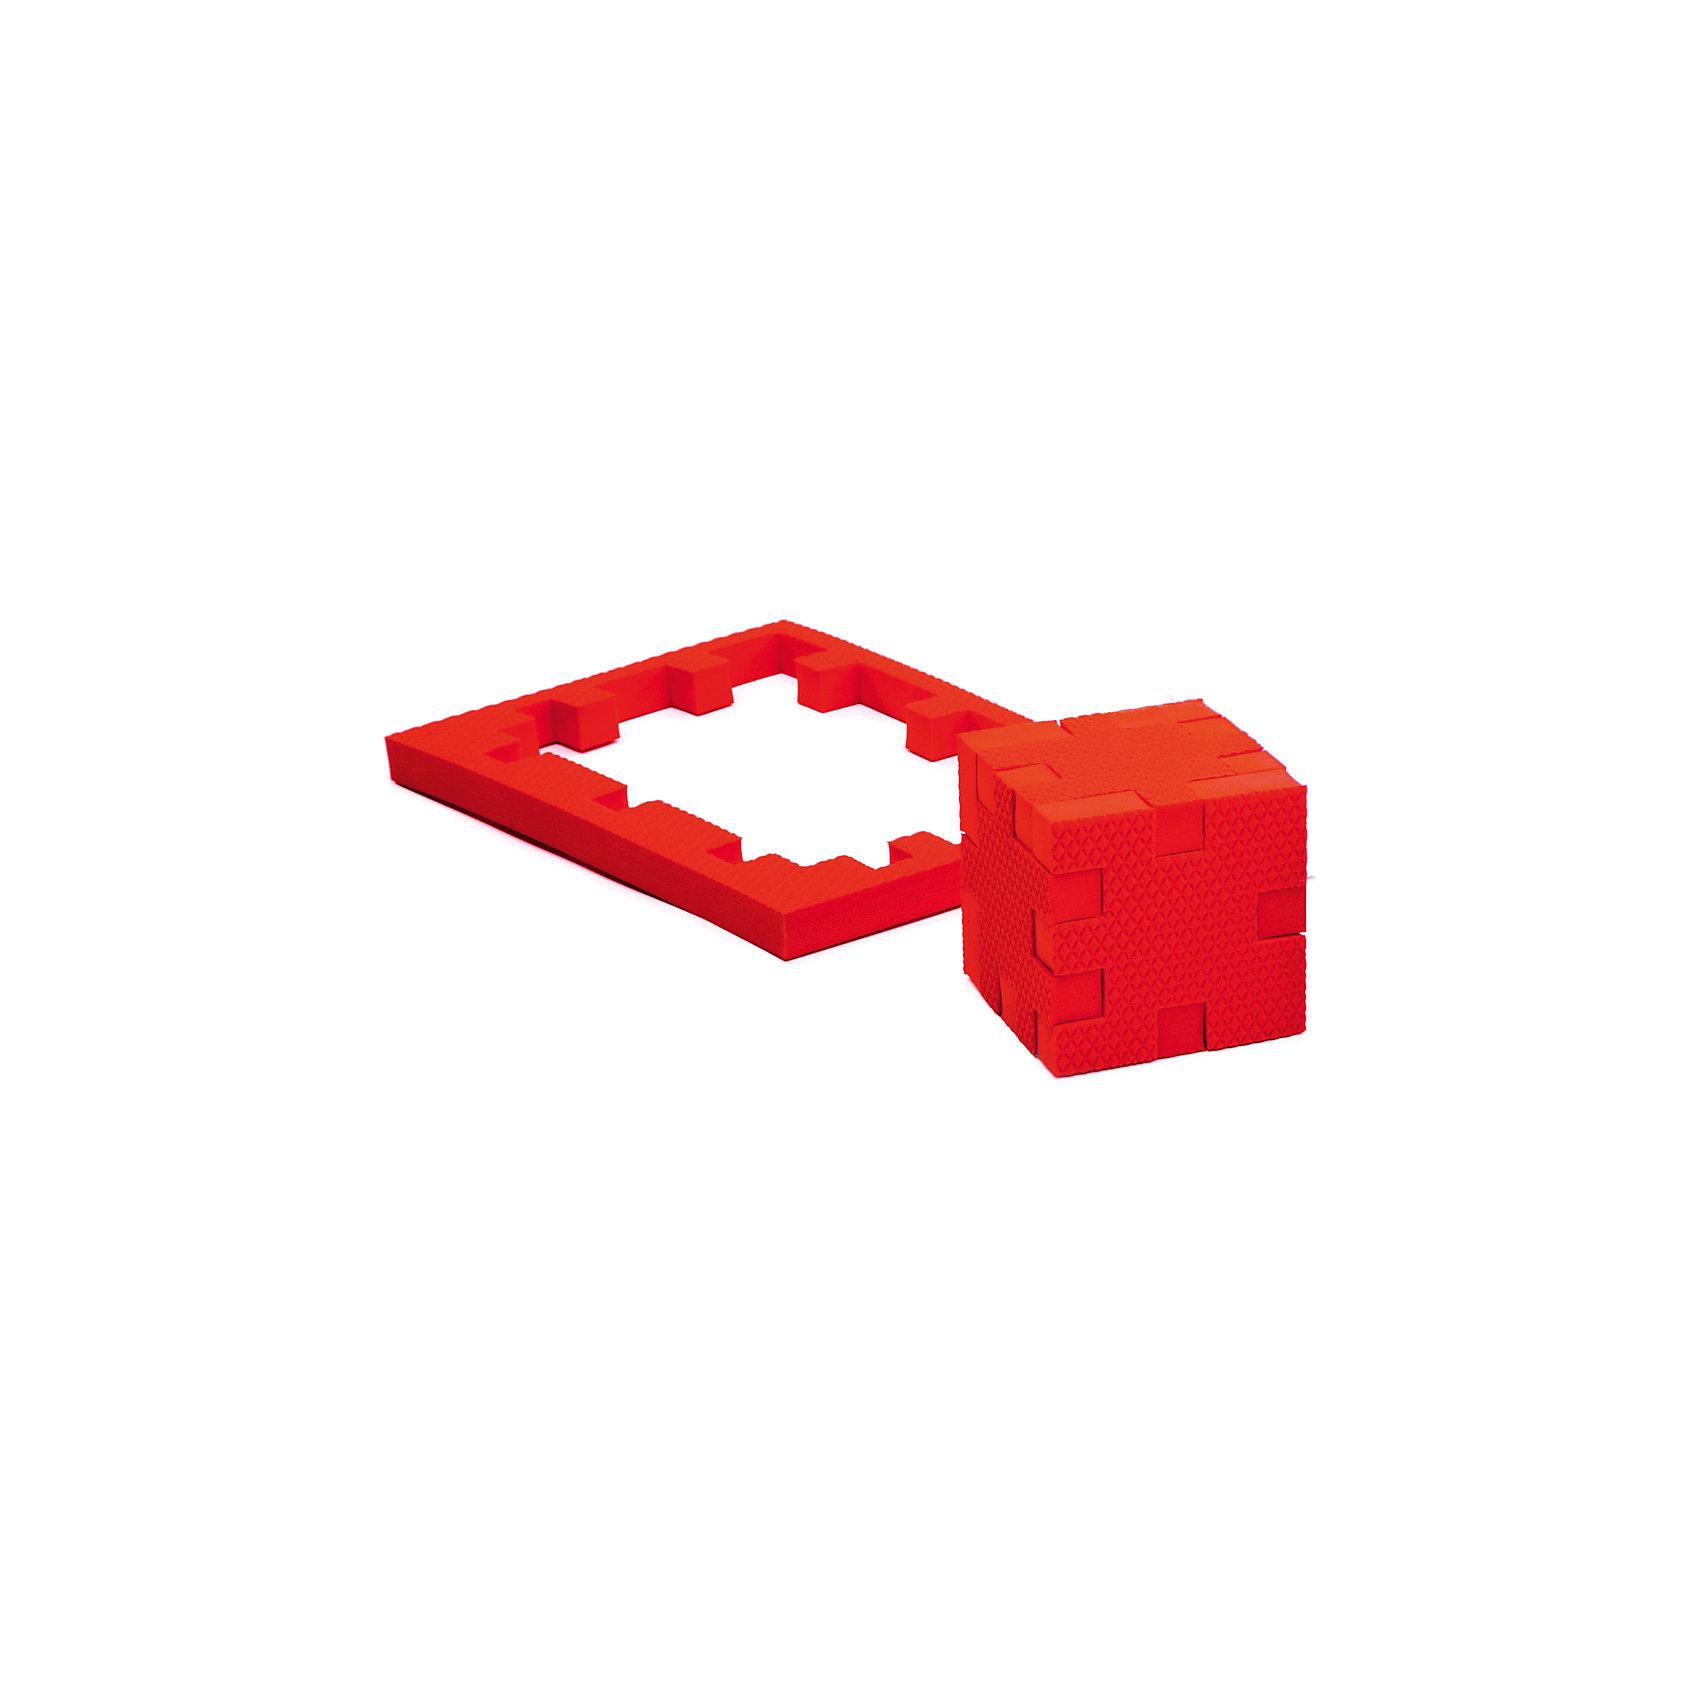 Пазл-конструктор Рубин, PicnMixРубин - уникальный пазл-конструктор из серии Кубикформ от PicnMix, который поможет развить логику, мелкую моторику и пространственное восприятие. Ребенок сможет собрать пазл, кубик и различные геометрические фигуры. Для начала можно следовать инструкции, а узнав, как устроен чудо-пазл, придумать свои собственные творения. Кроме того, с конструктором Рубин можно смело играть в воде. <br>Пазл-конструктор Рубин - замечательный подарок для юных строителей!<br><br>Дополнительная информация:<br>Цвет: красный<br>Материал: ЭВА(вспененный полимер)<br>Размер упаковки: 21,5х1,5х15,5 см<br>Вес: 45 грамм<br><br>Пазл-конструктор Рубин от PicnMix можно приобрести в нашем интернет-магазине.<br><br>Ширина мм: 215<br>Глубина мм: 15<br>Высота мм: 160<br>Вес г: 50<br>Возраст от месяцев: 36<br>Возраст до месяцев: 60<br>Пол: Унисекс<br>Возраст: Детский<br>SKU: 5008788